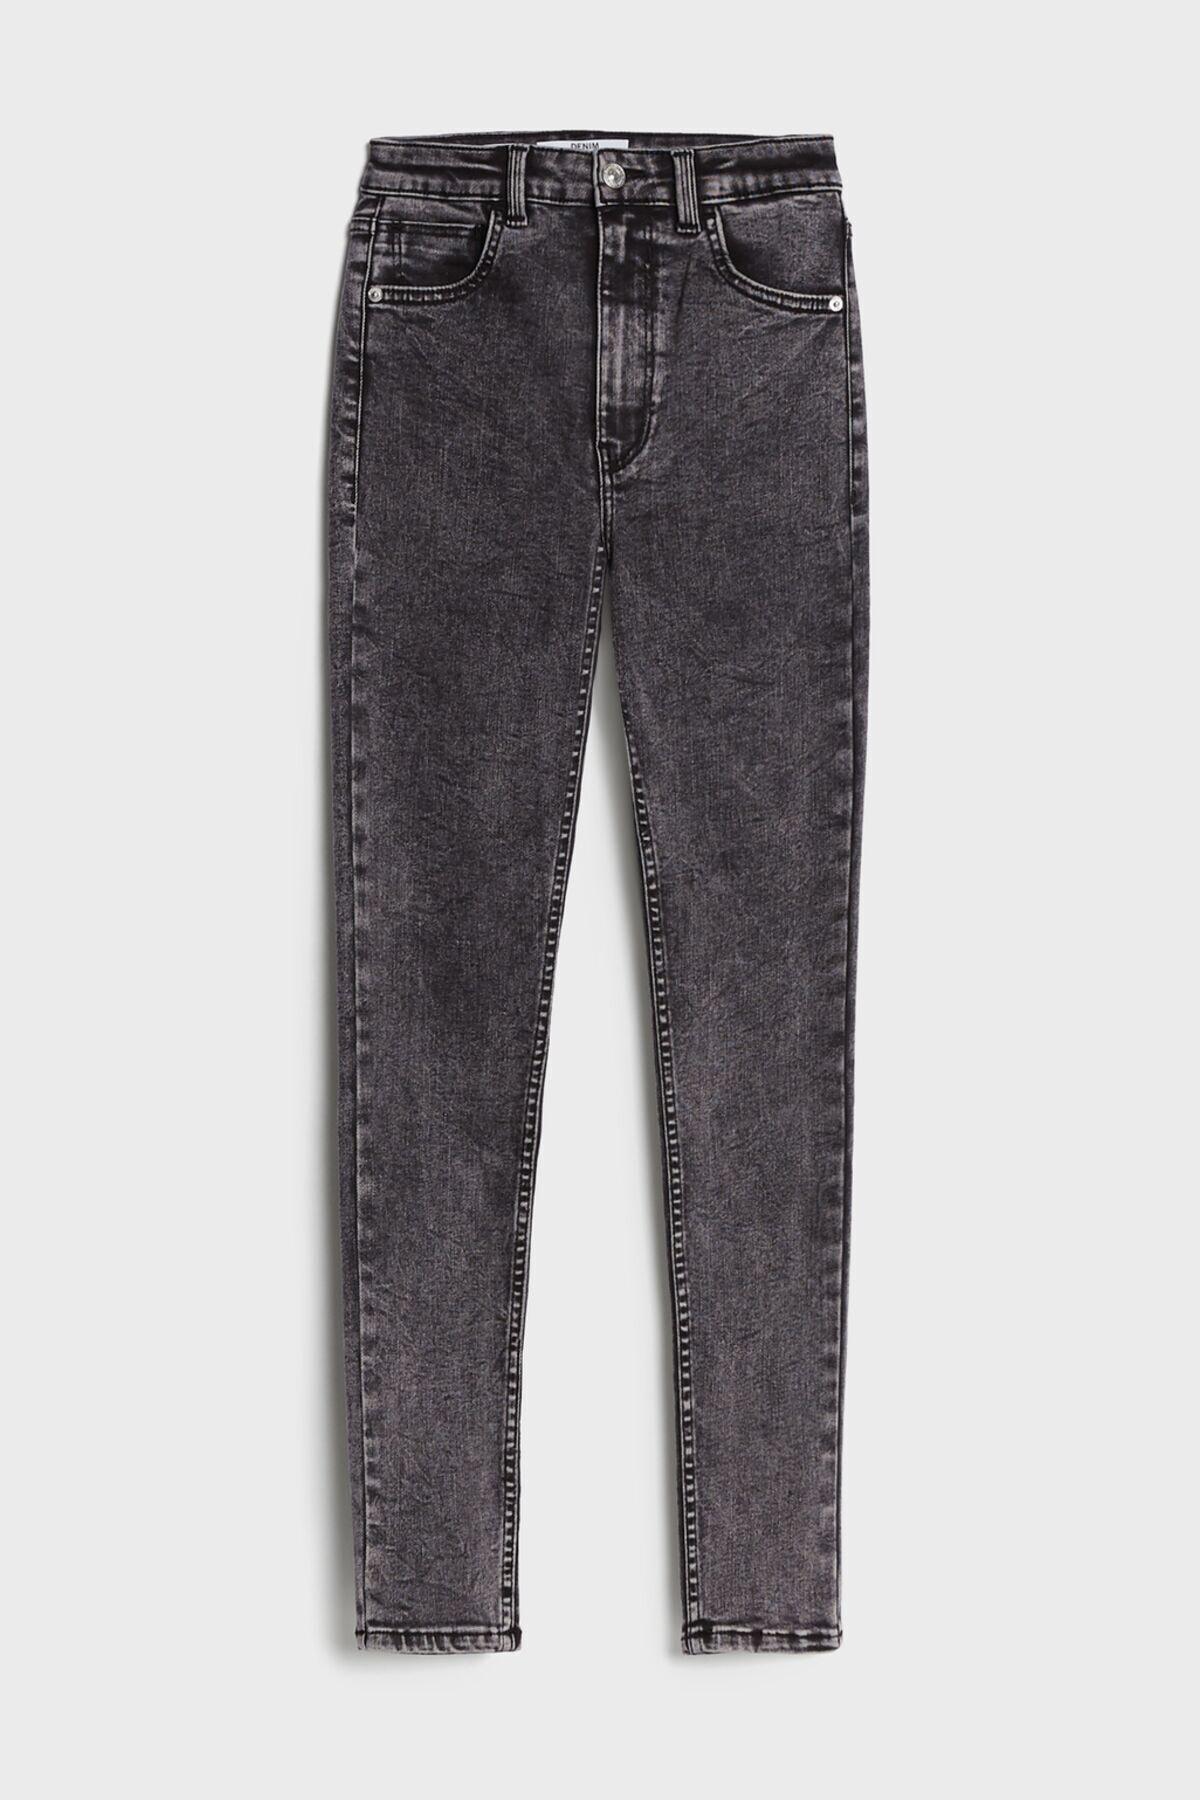 Bershka Kadın Gri Süper Yüksek Bel Jean 2